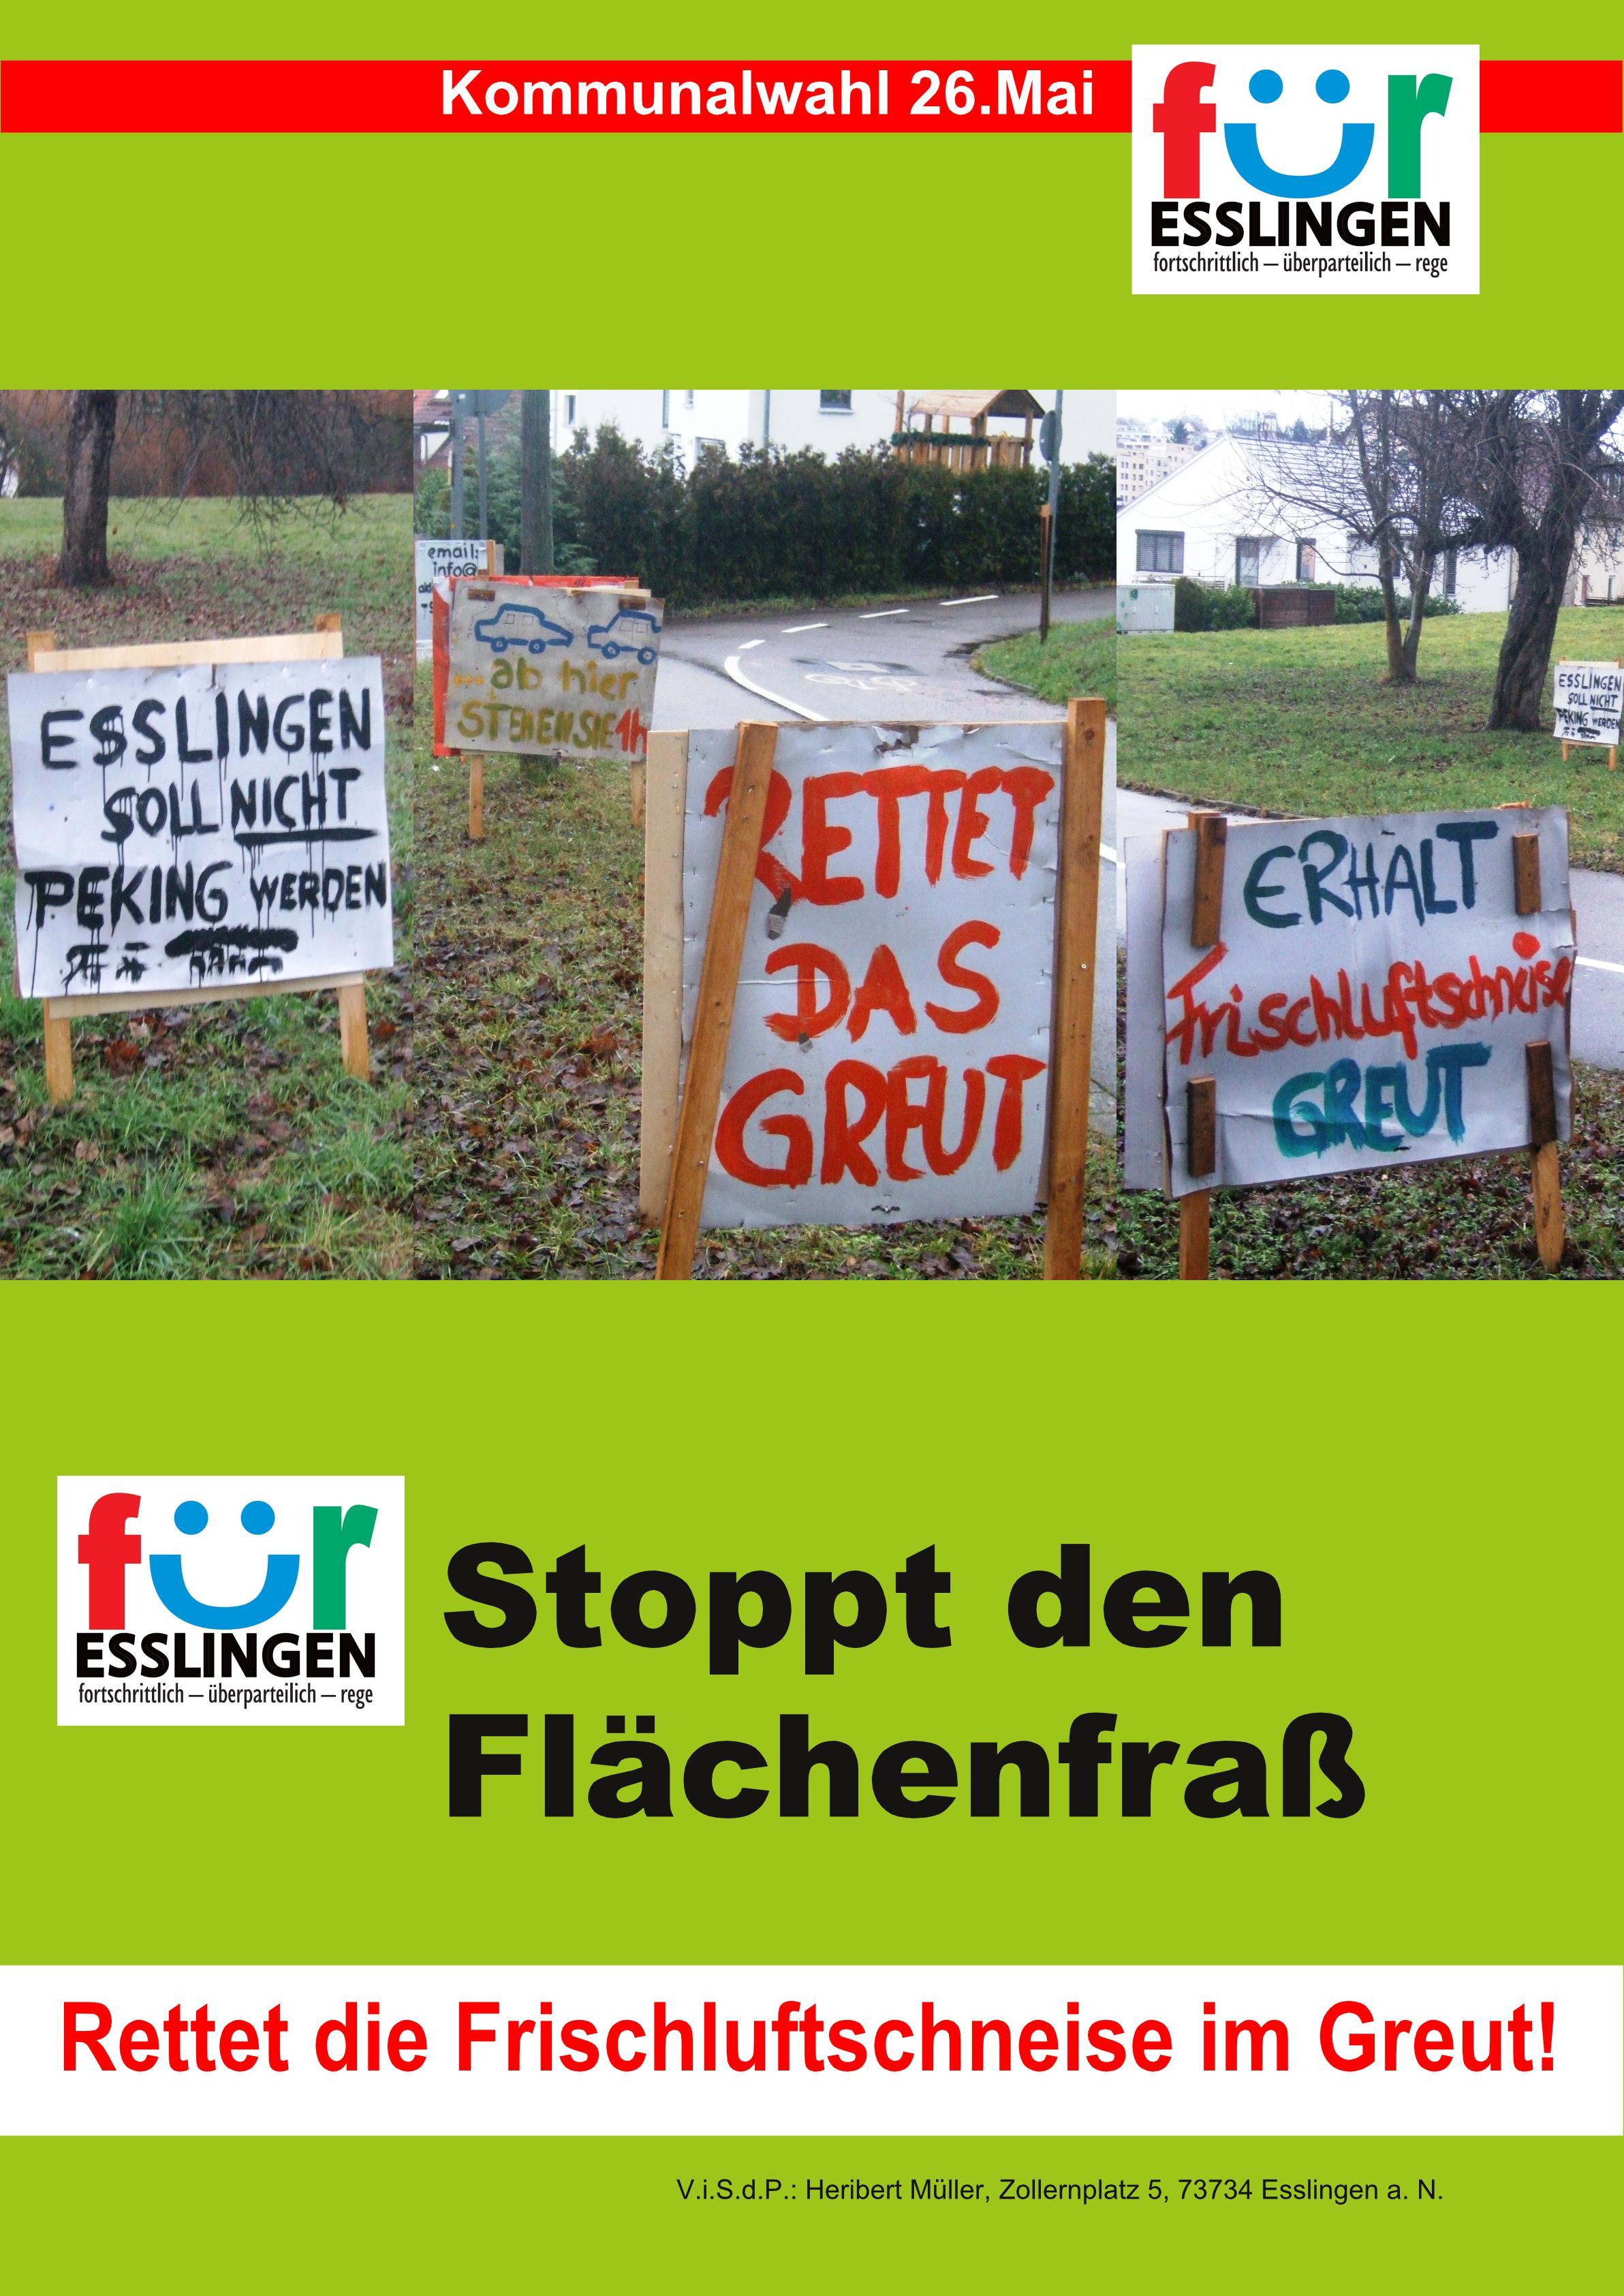 2019_03_01_GemRtWahl _Flächenfraß_grün-Seite001 (1)